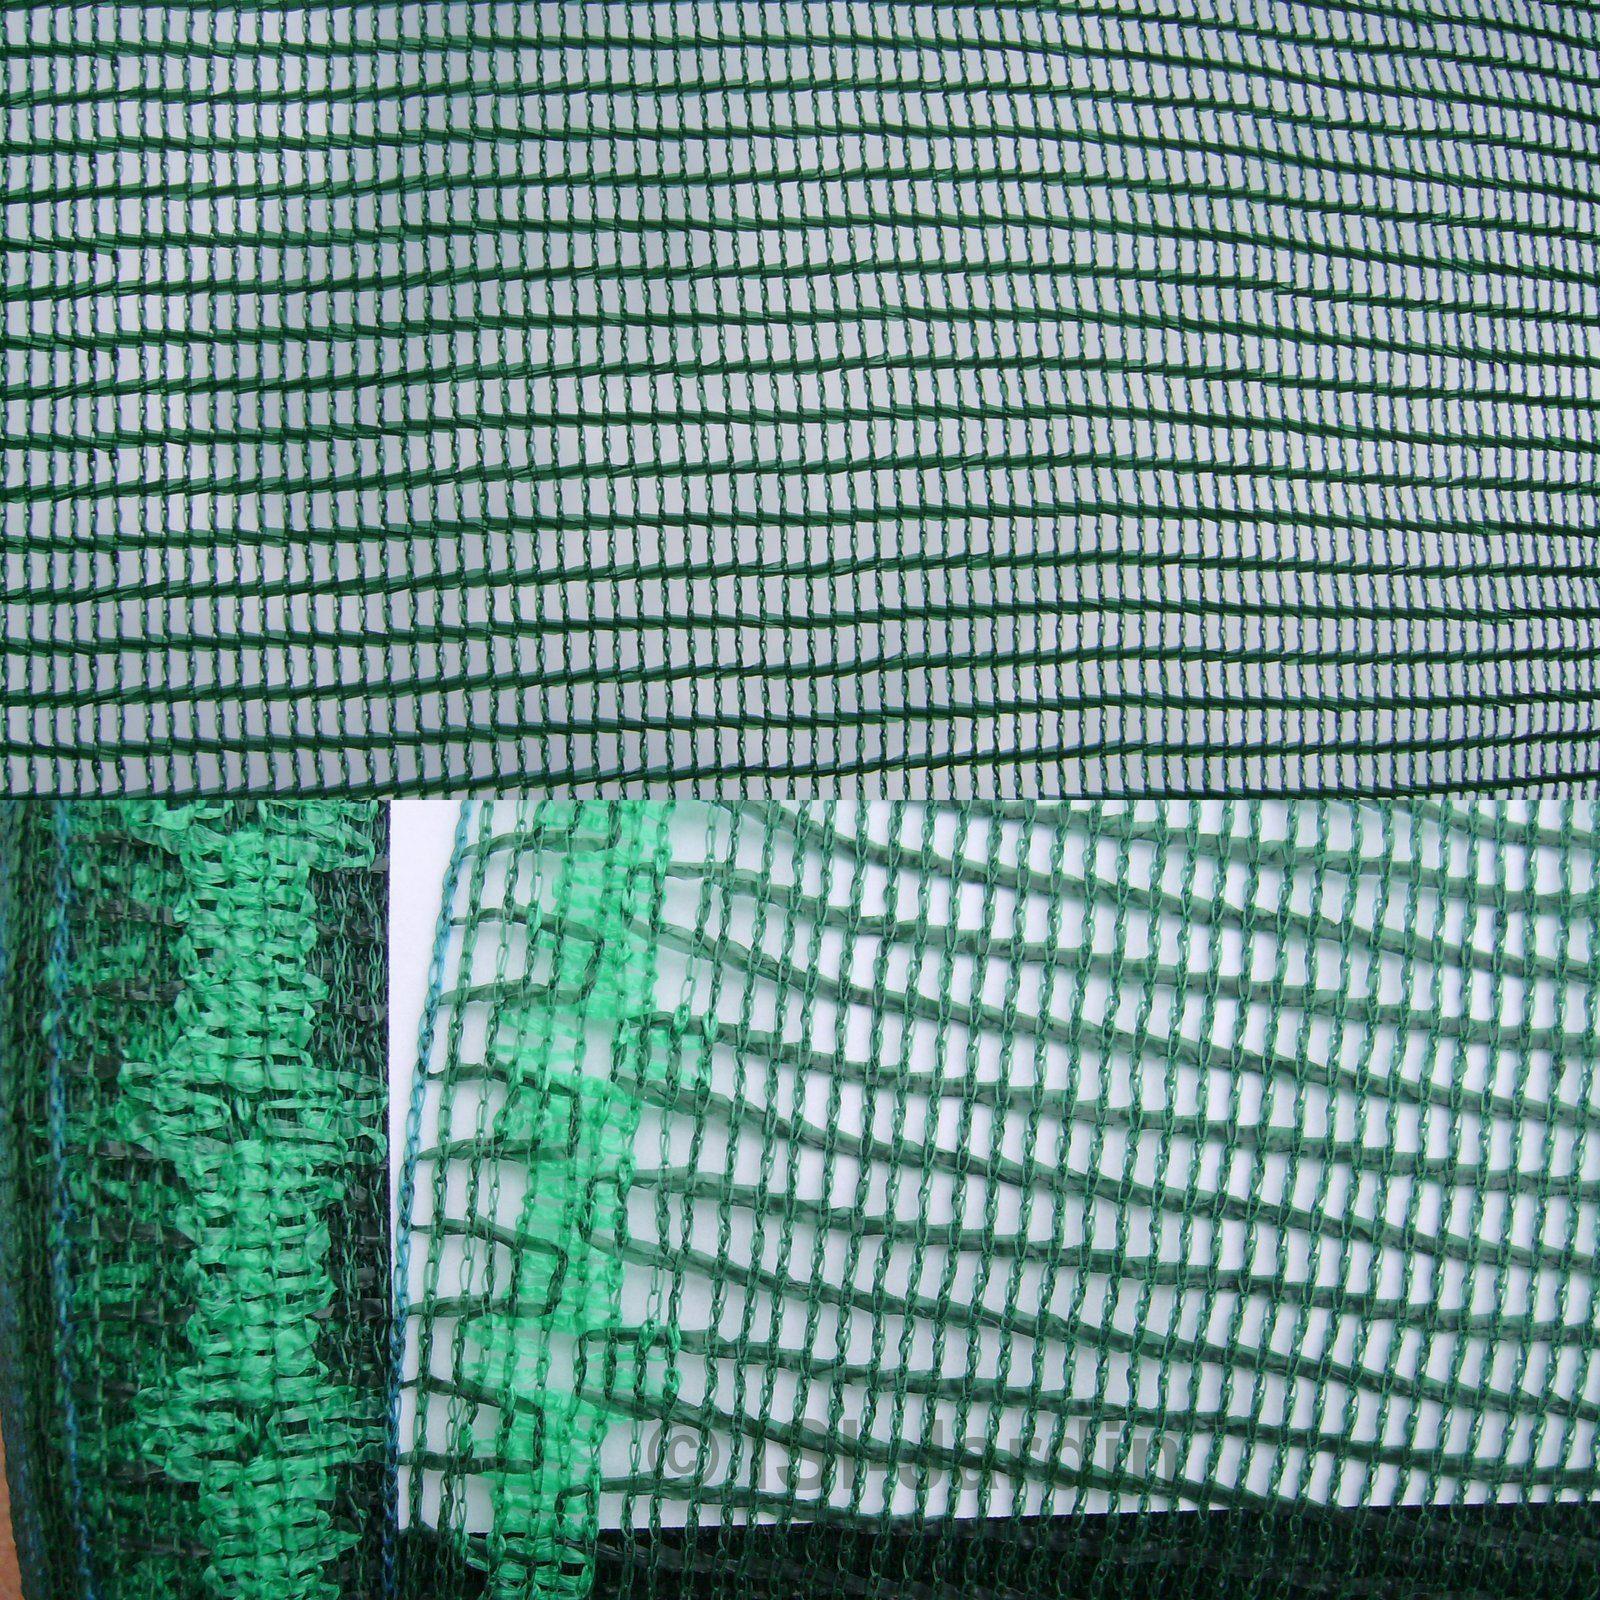 Voile D Ombrage Veranda filet d'ombrage 50%, vert foncé, 3 mètres de large, vendu au mètre linéaire